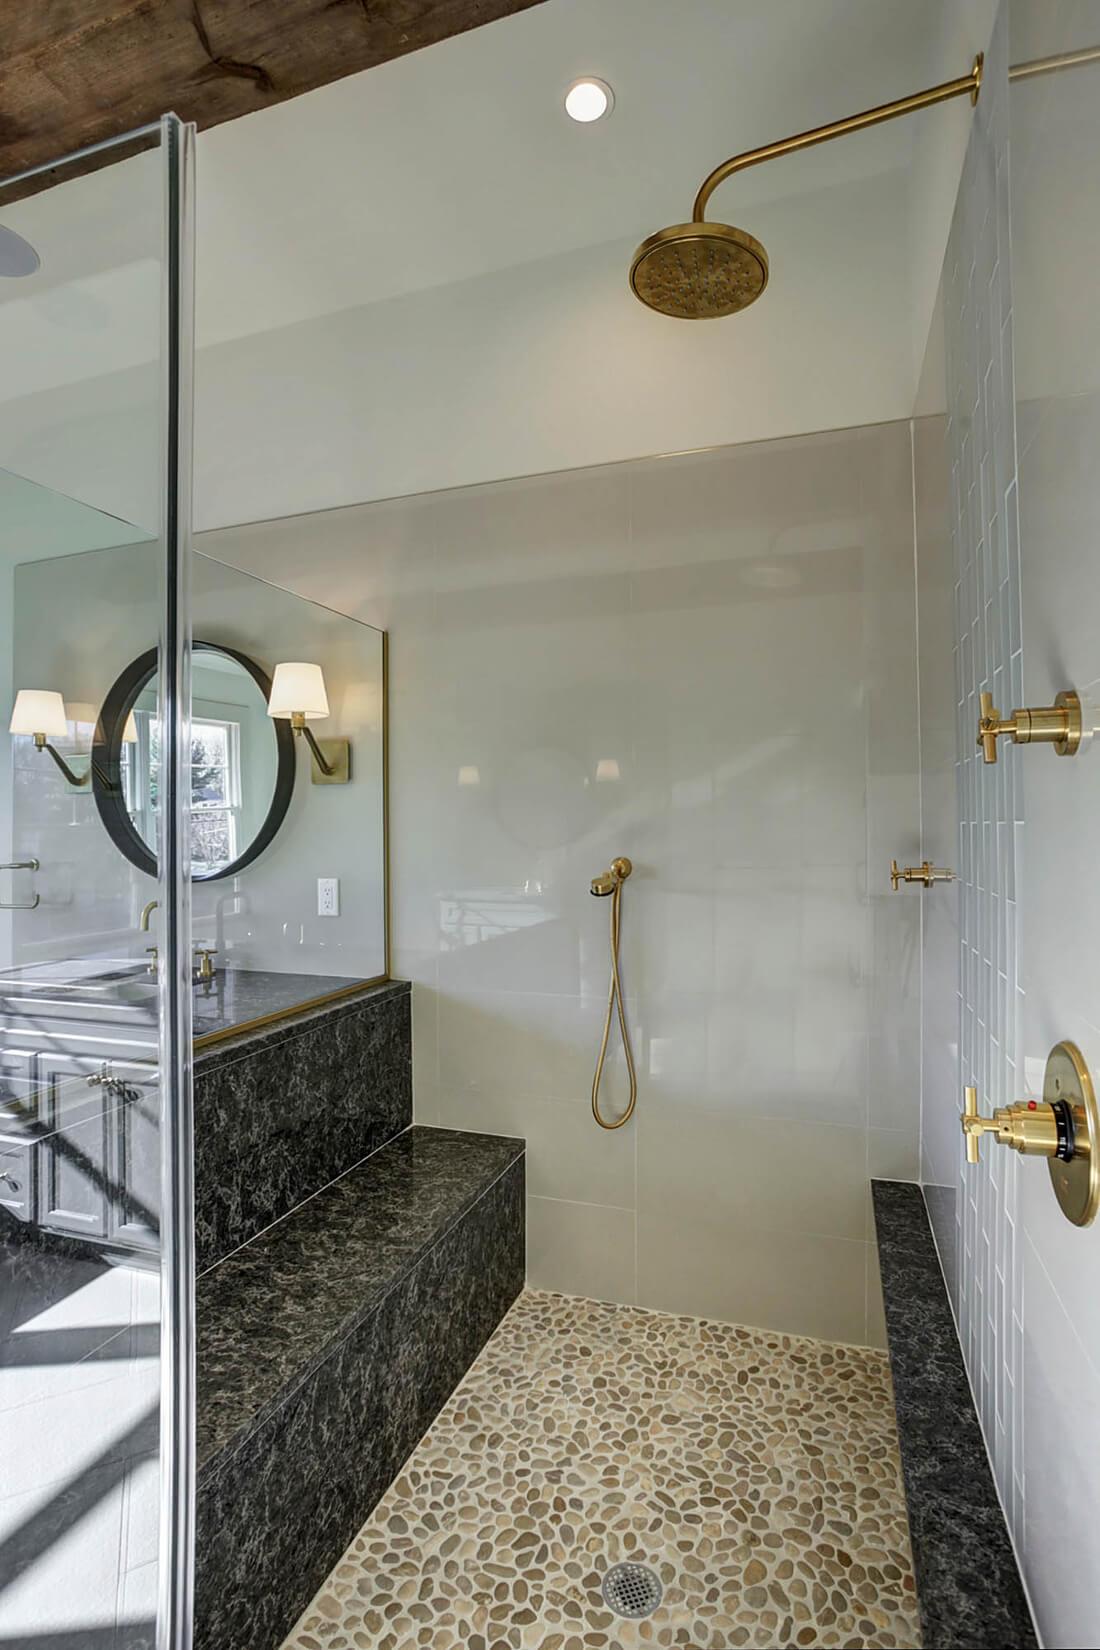 221 Golf Edge Master Bathroom III